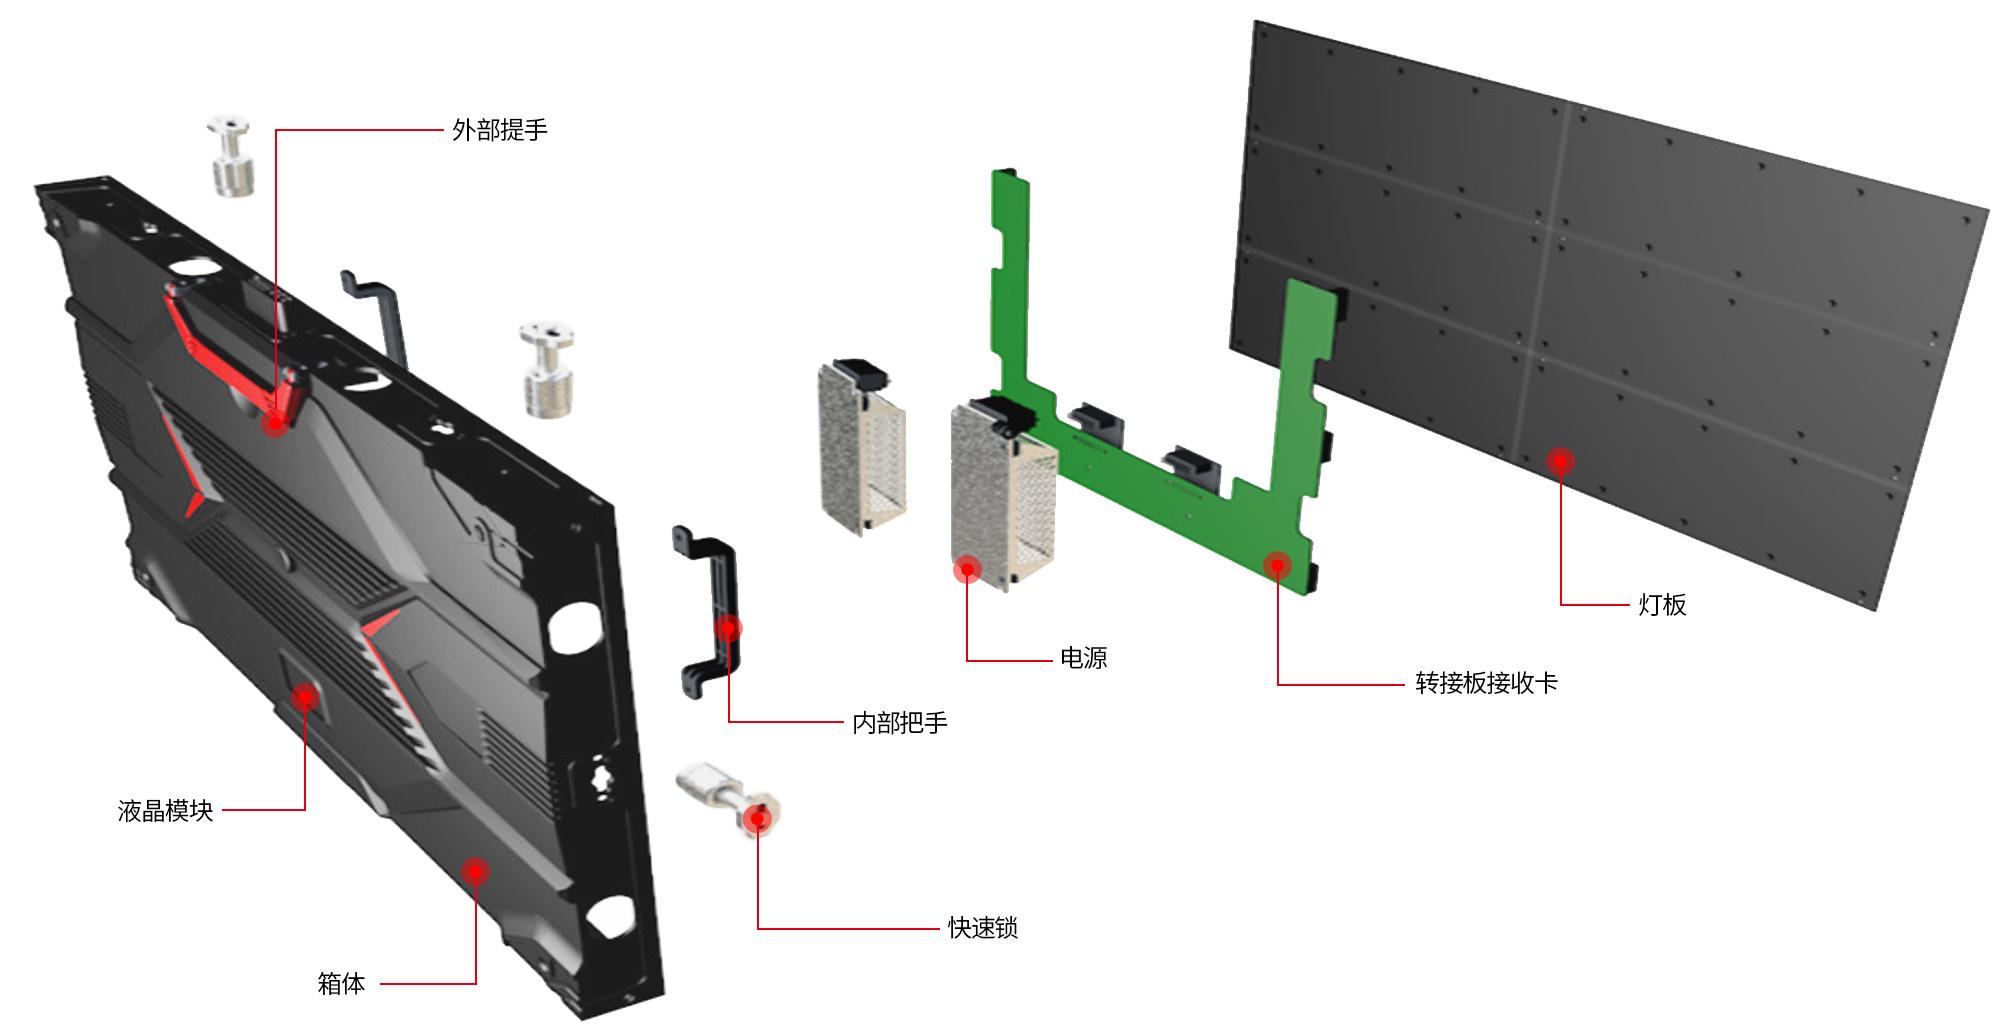 美亚迪LED小间距箱体结构示意图